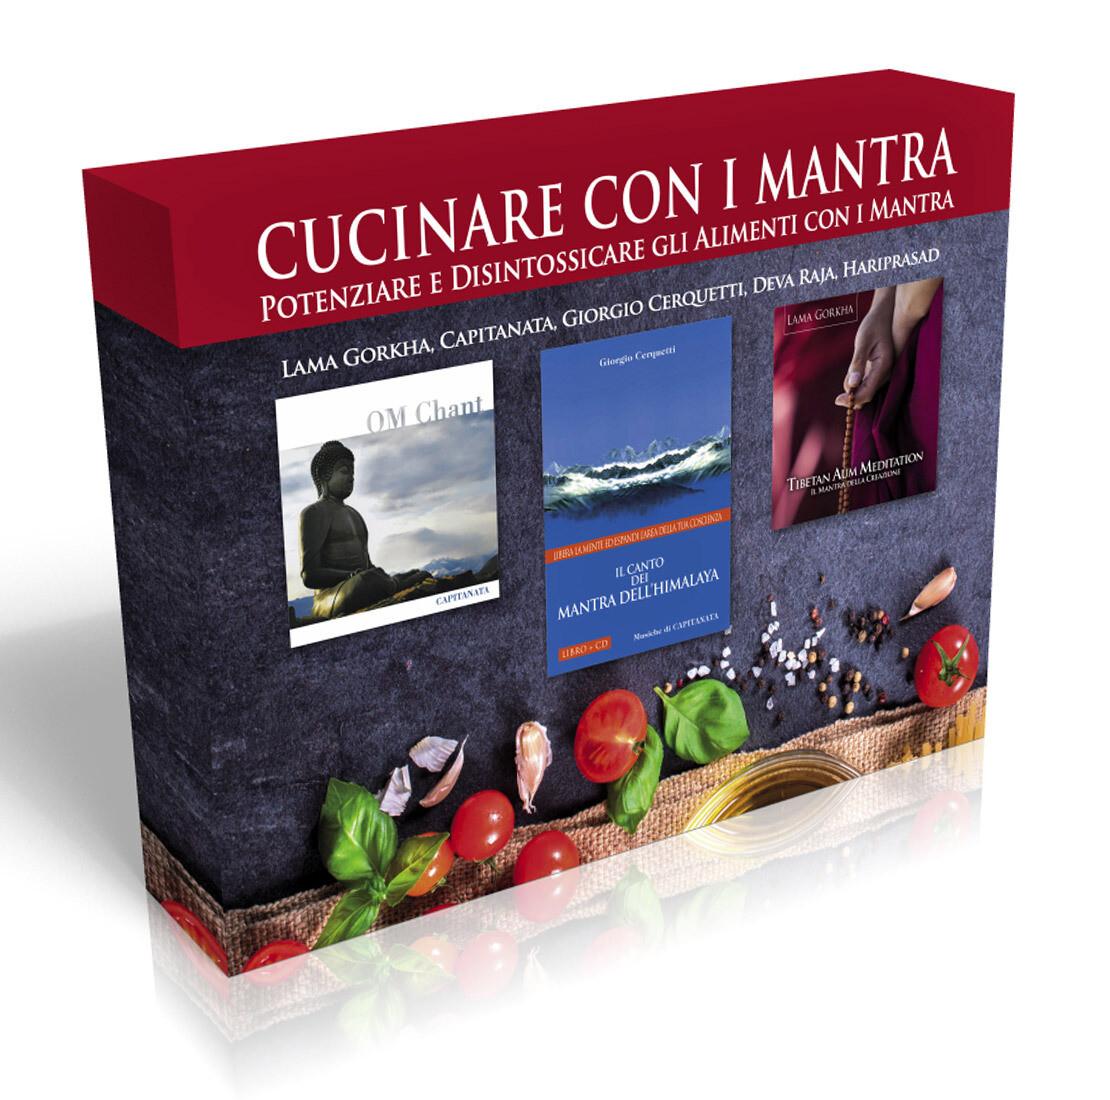 Cucinare con i Mantra - Cofanetto  Potenziare e disintossicare gli alimenti con i mantra